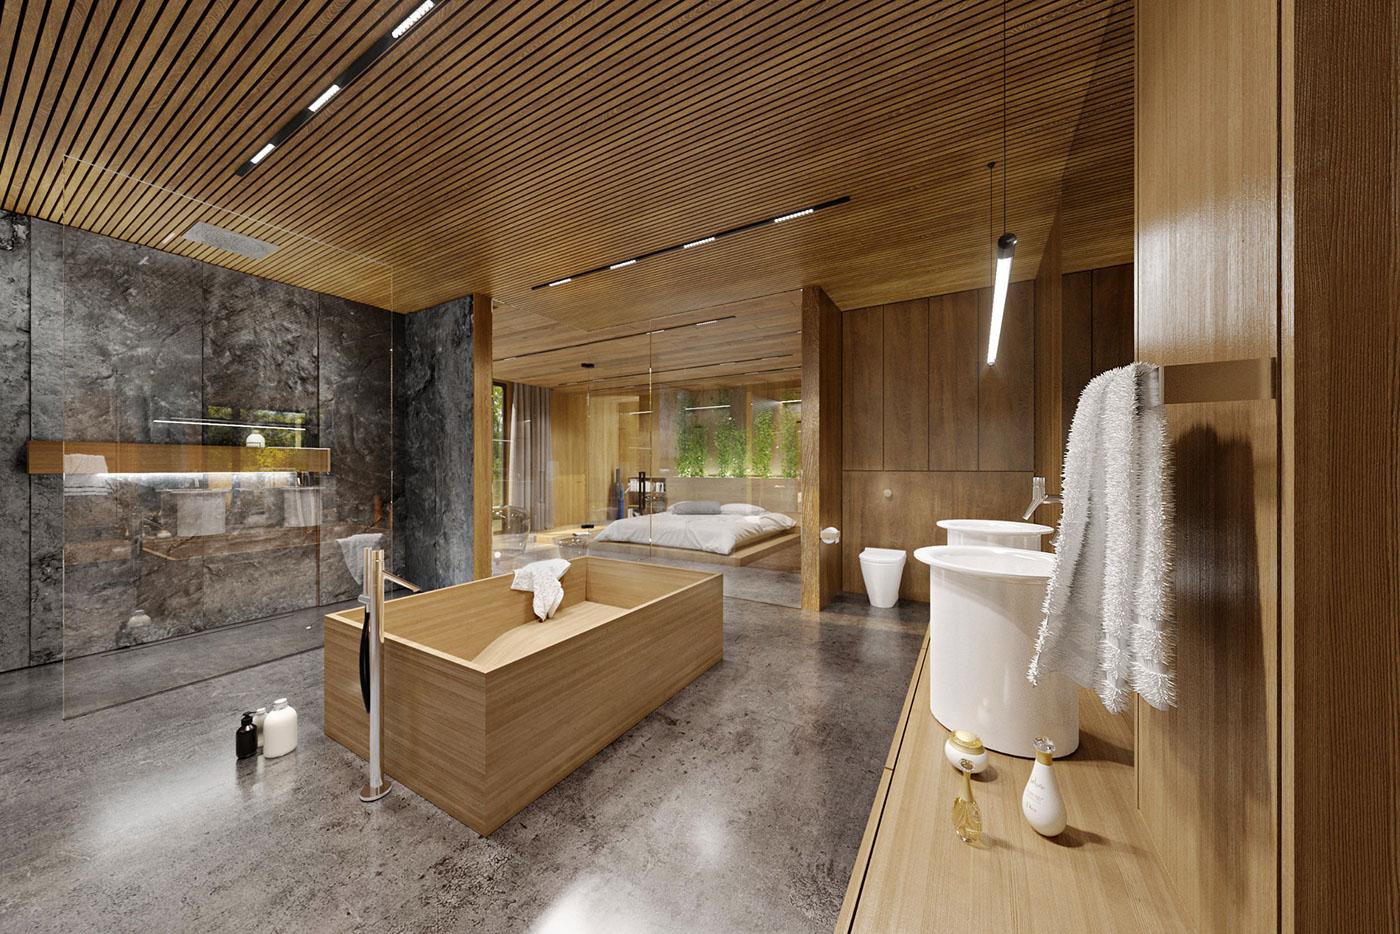 indoor spa like bathroom design